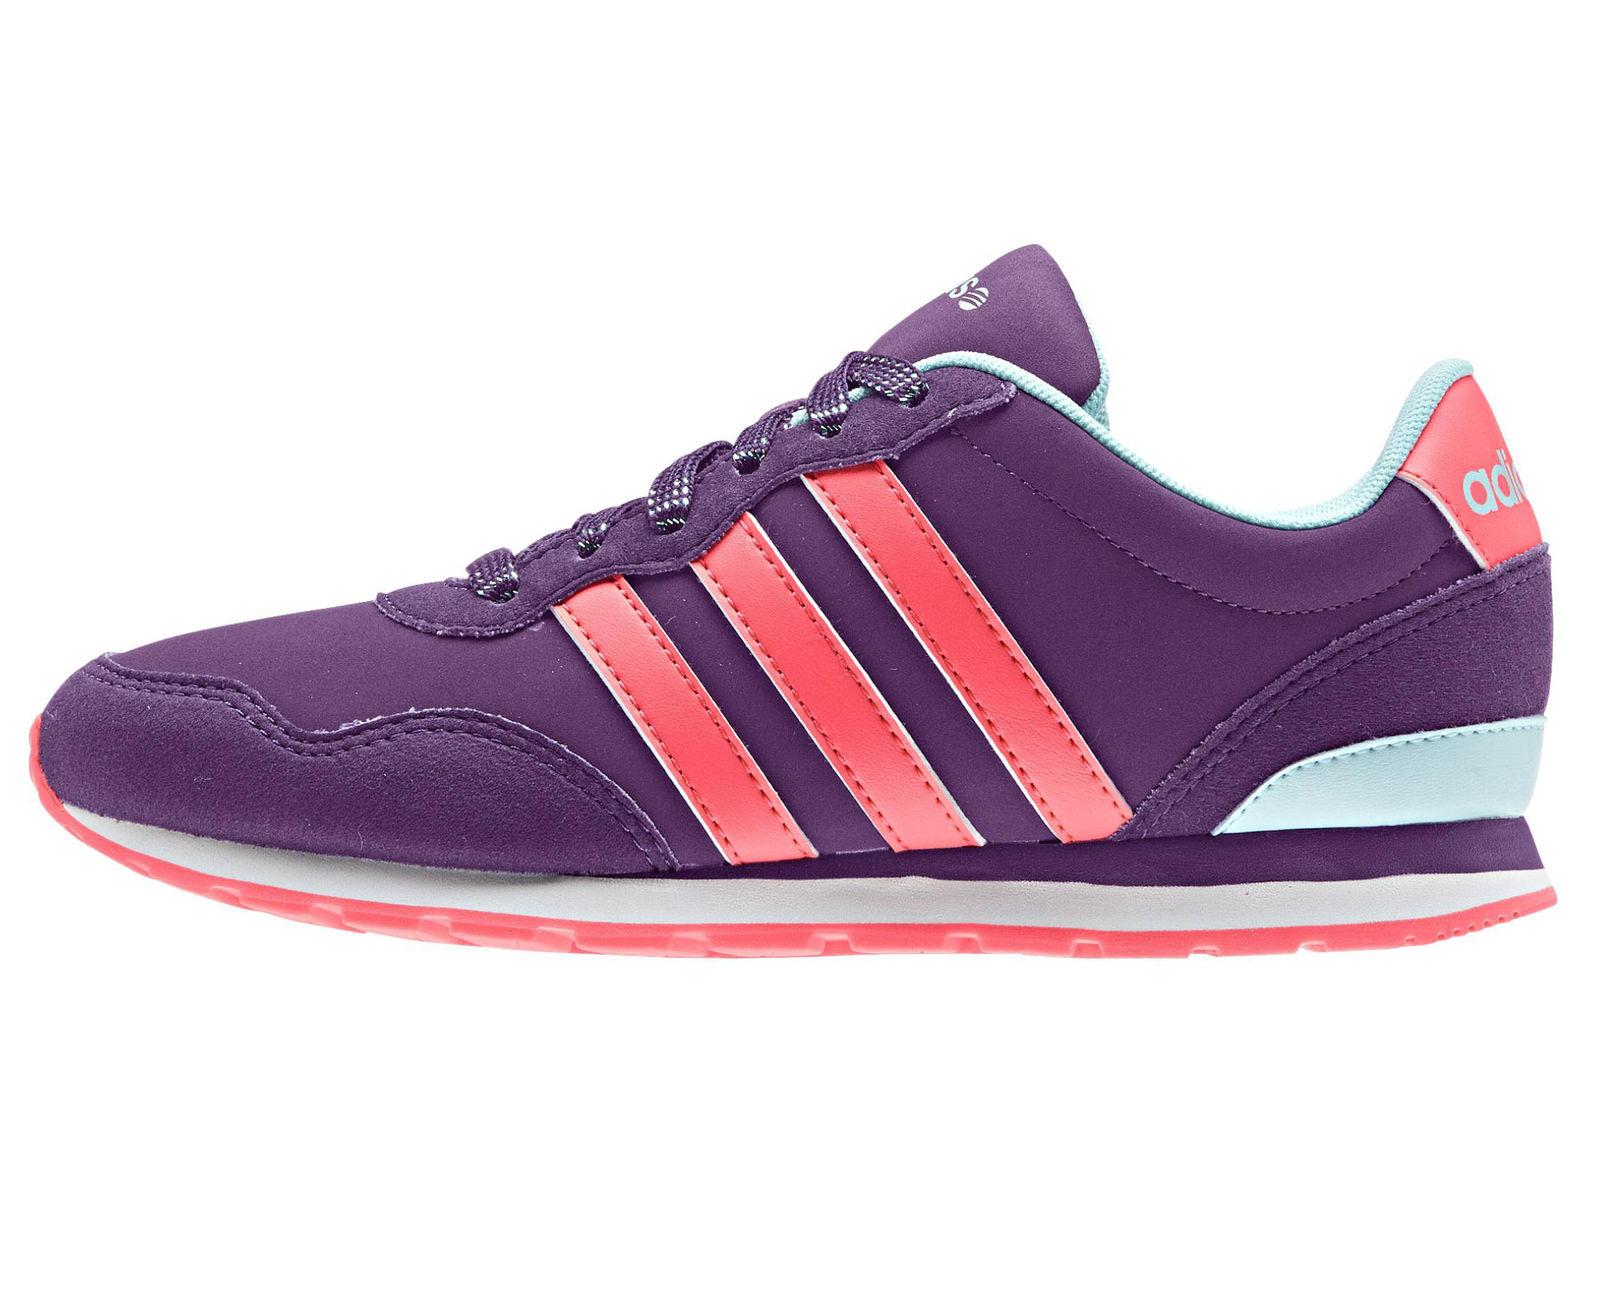 adidas Dievčenské tenisky V JOG K - fialové a4d5624122